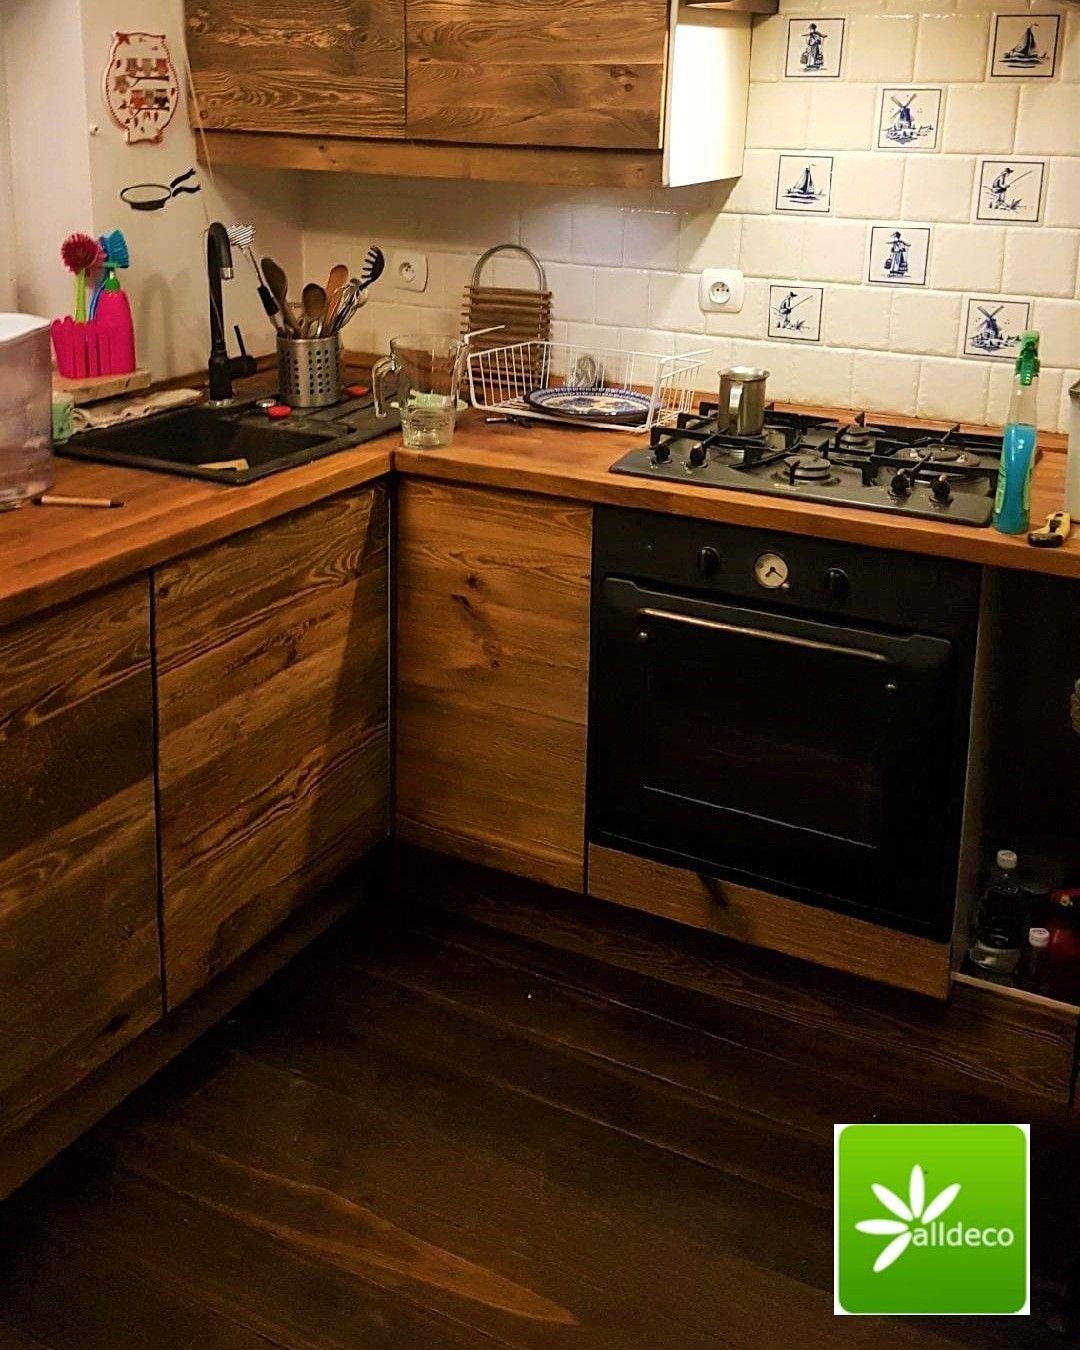 Kuchnia W Starym Drewnie Cuisine En Vieux Bois